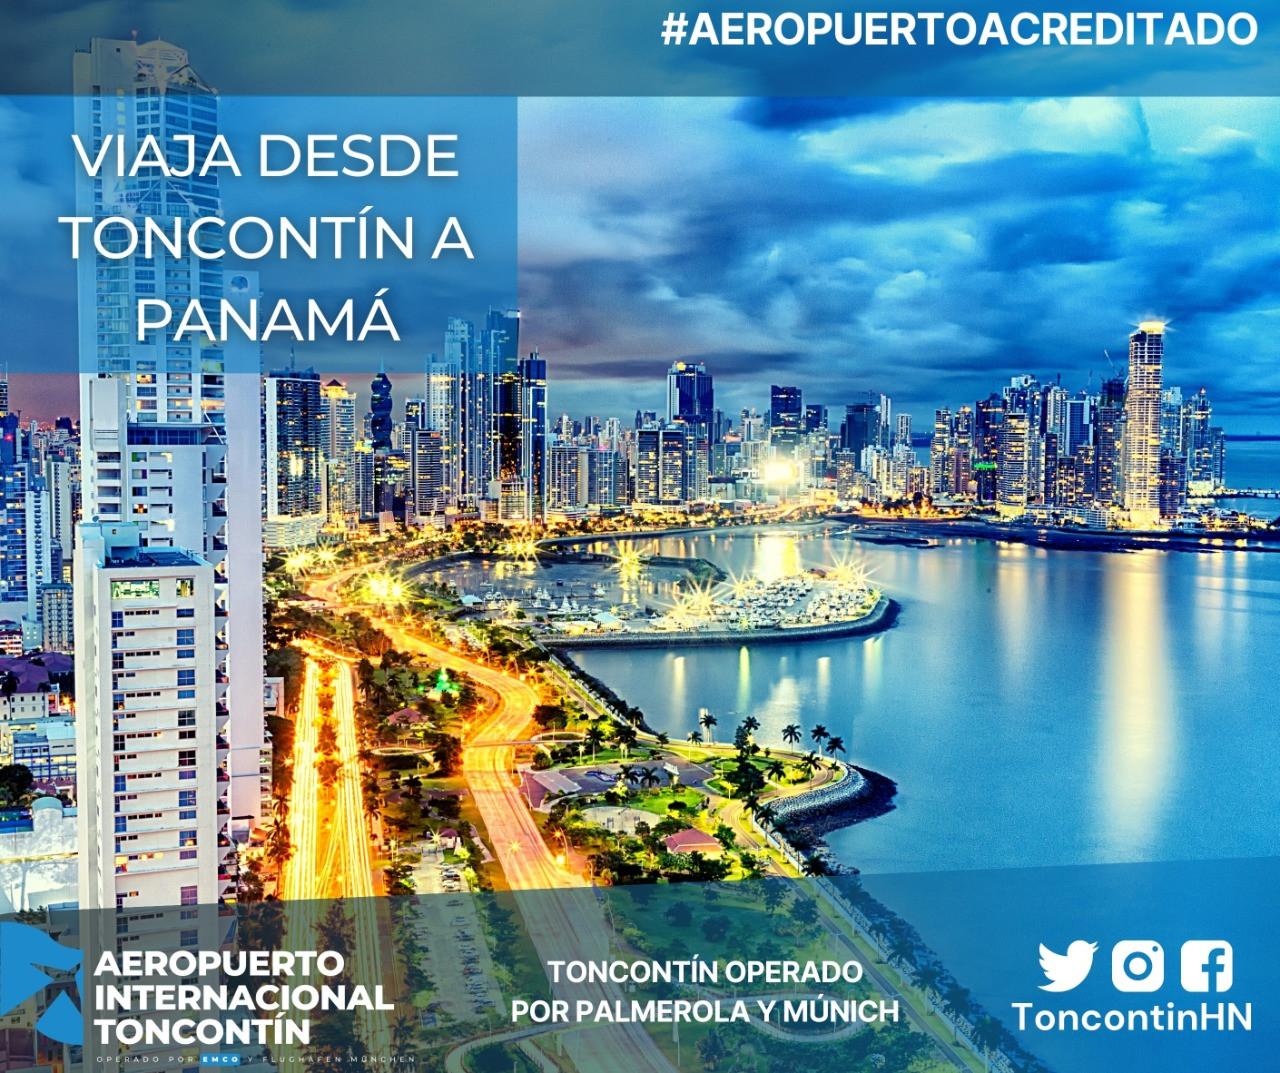 Aeropuerto-Tegucigalpa-Honduras-Toncontín-Conexión-Panamá